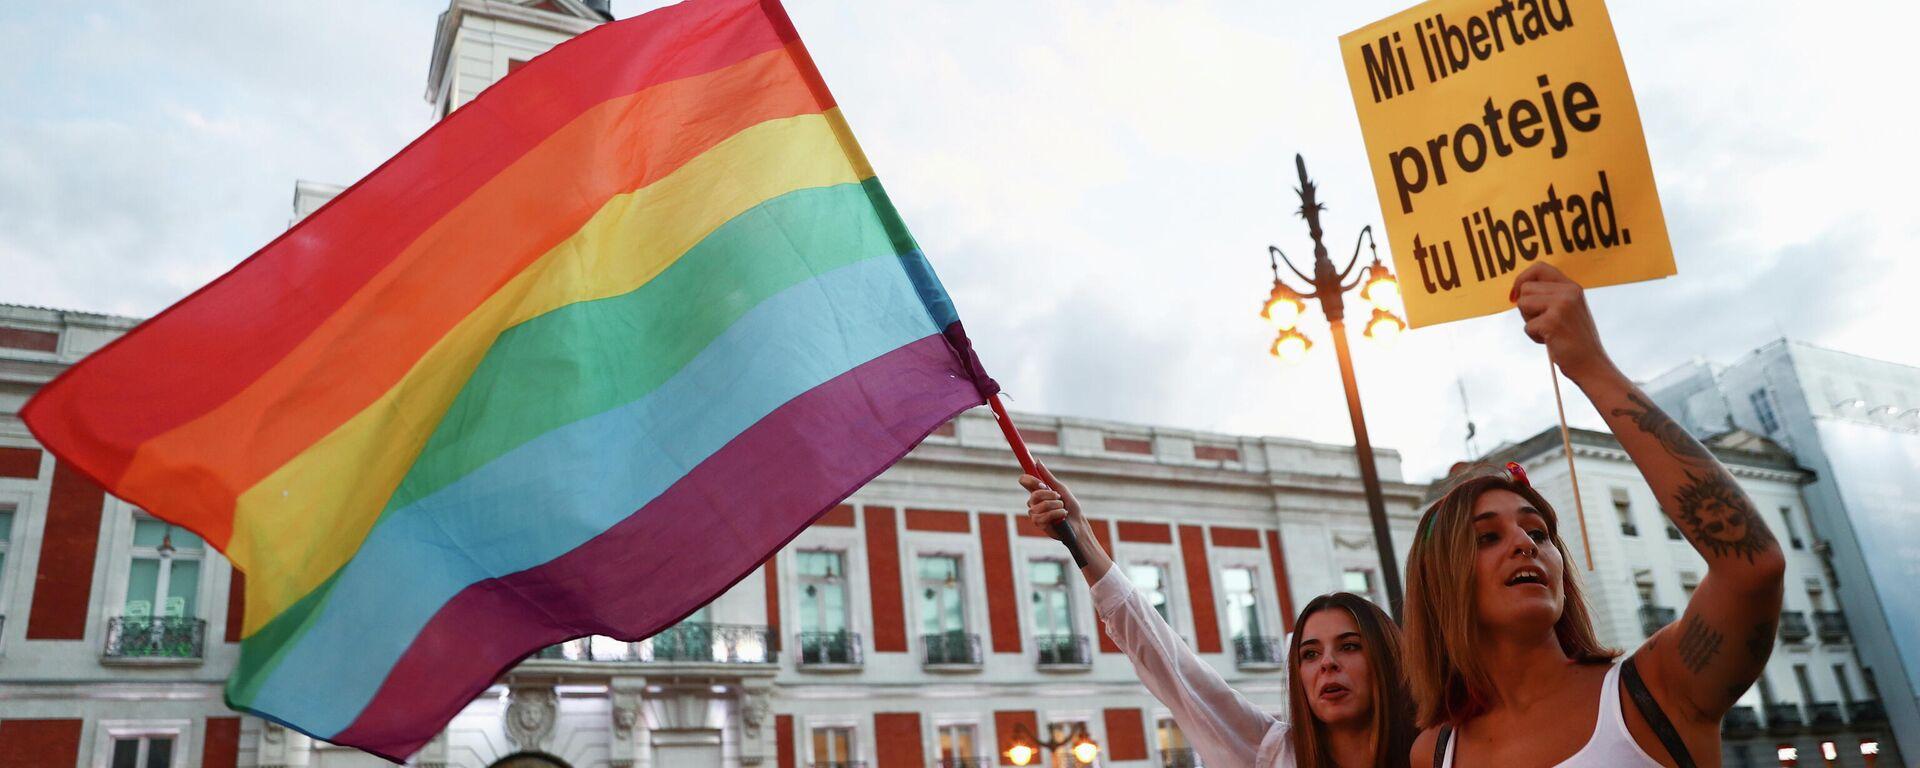 LGBT-Unterstützer protestieren in Madrid gegen Anfeindungen und Angriffe auf sexuelle Minderheiten.  - SNA, 1920, 09.09.2021